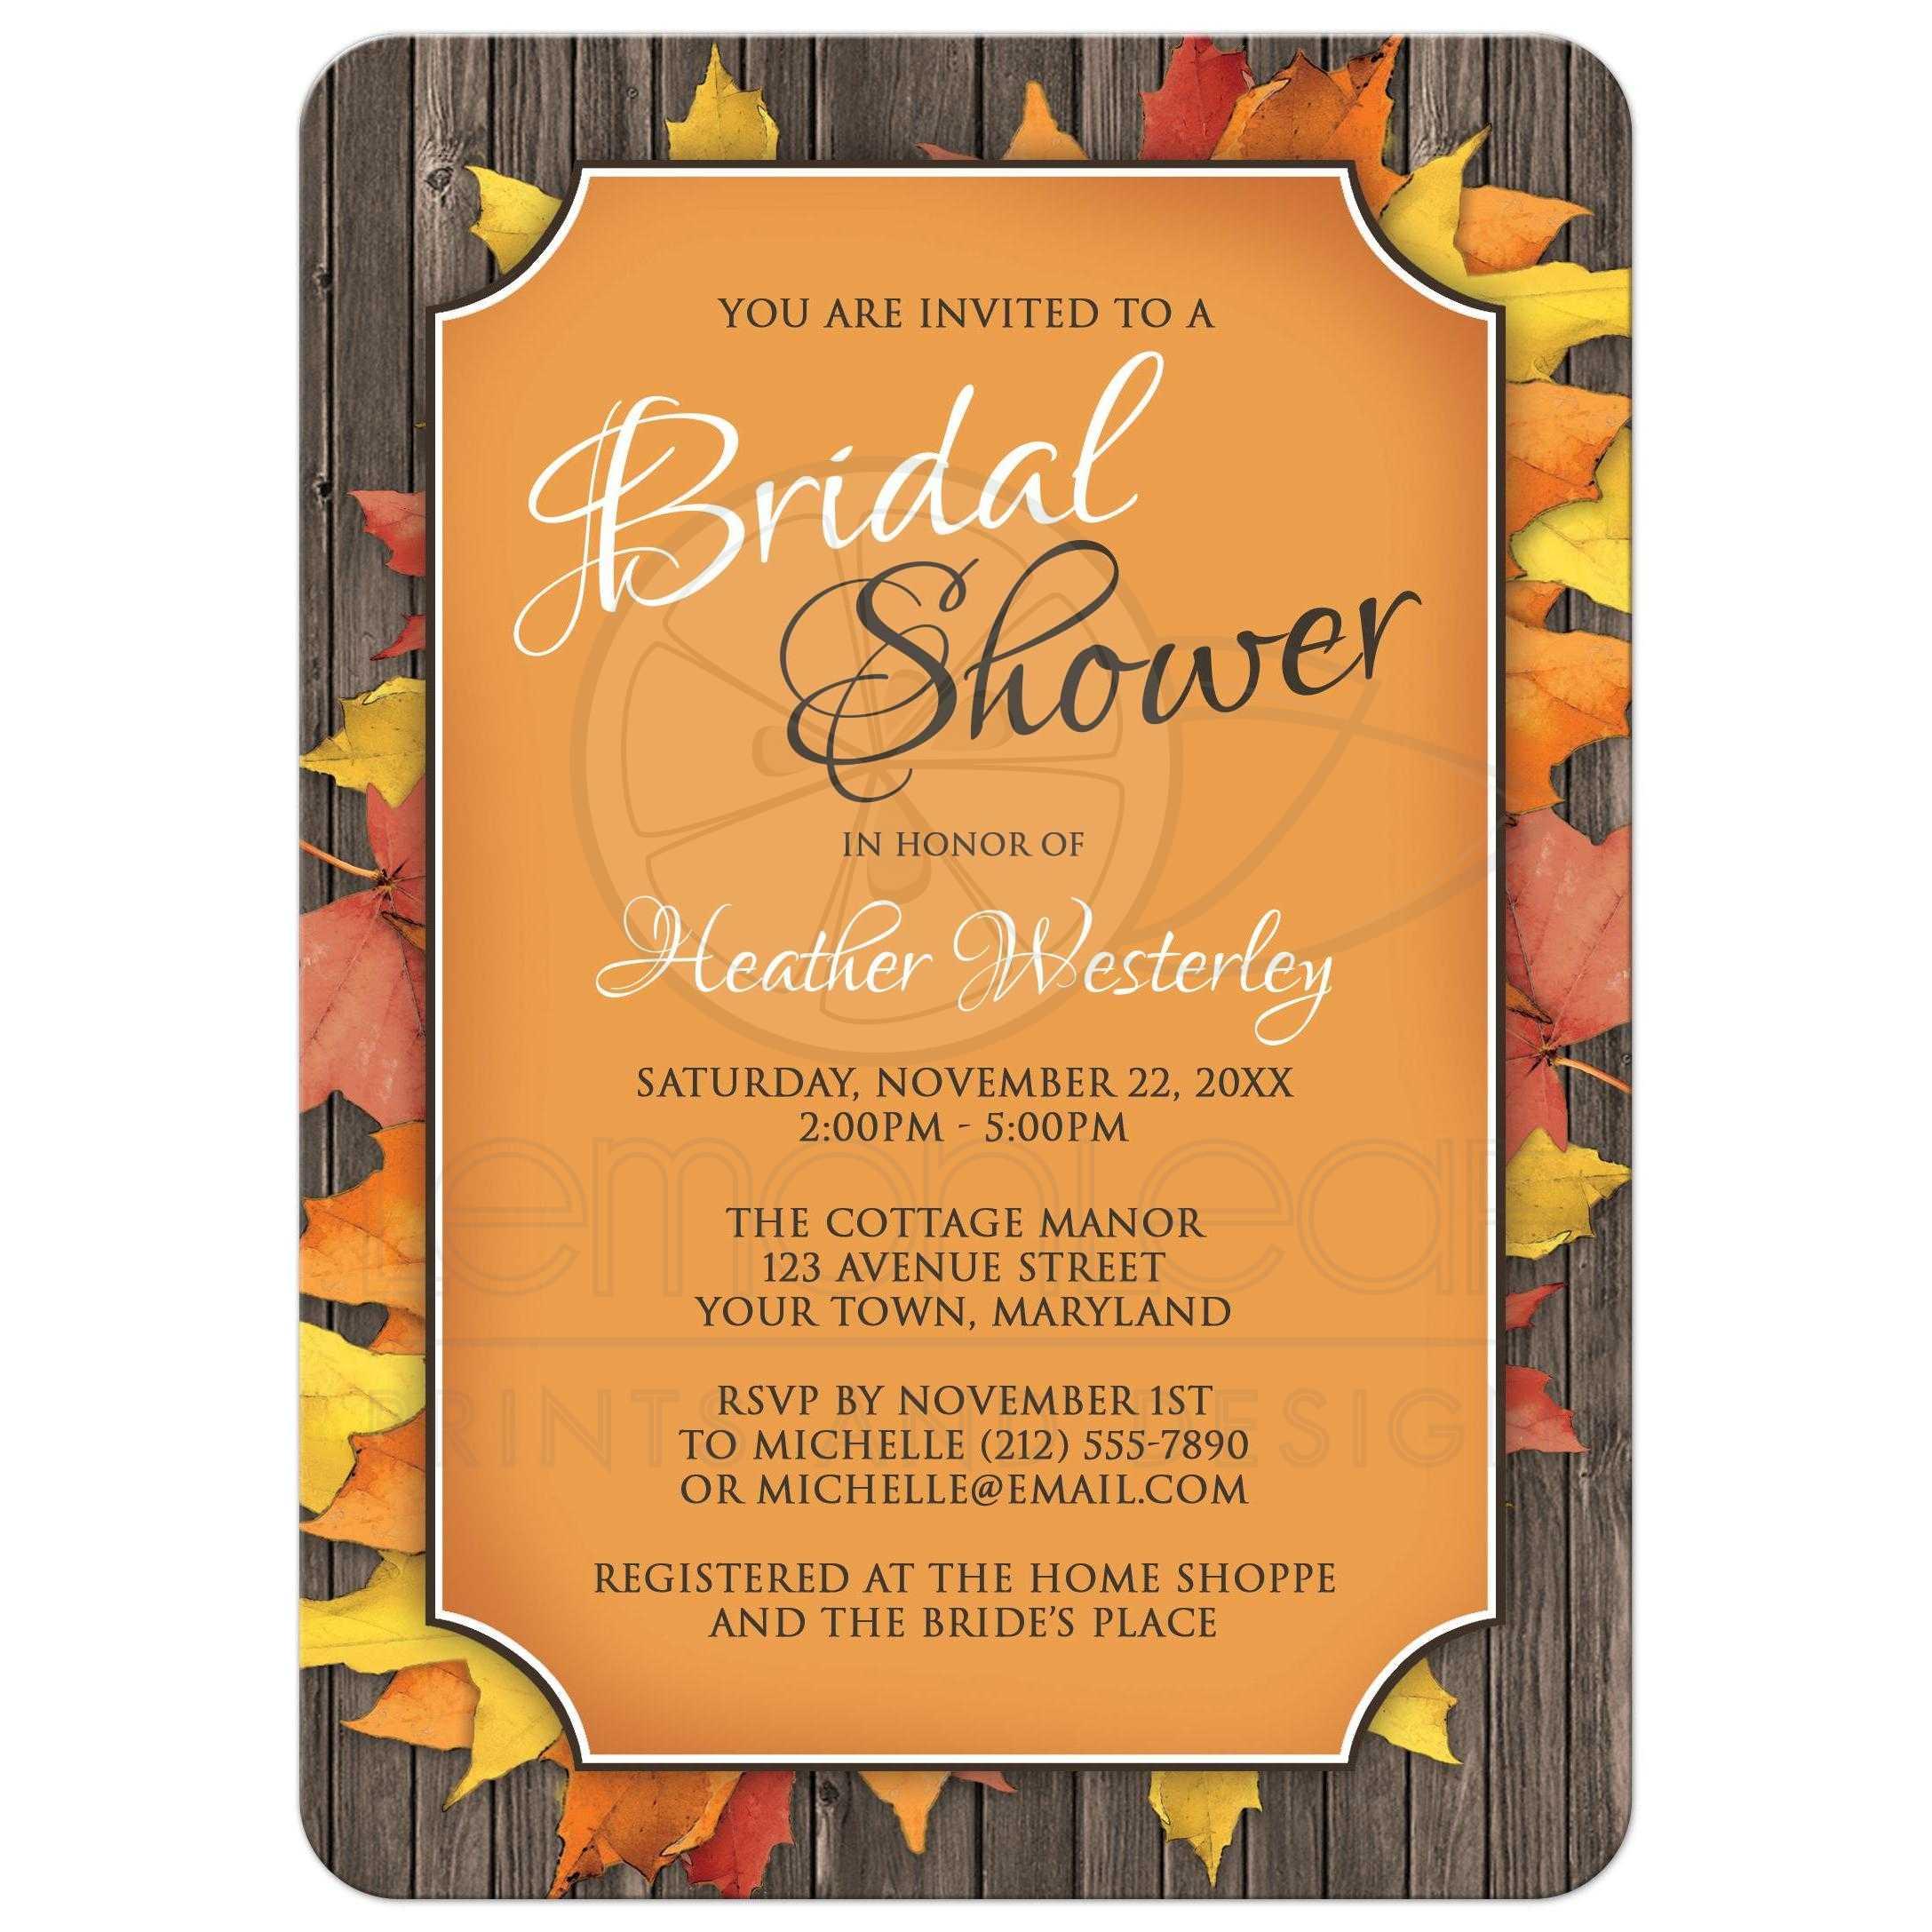 Bridal shower invitations autumn orange wood leaves filmwisefo